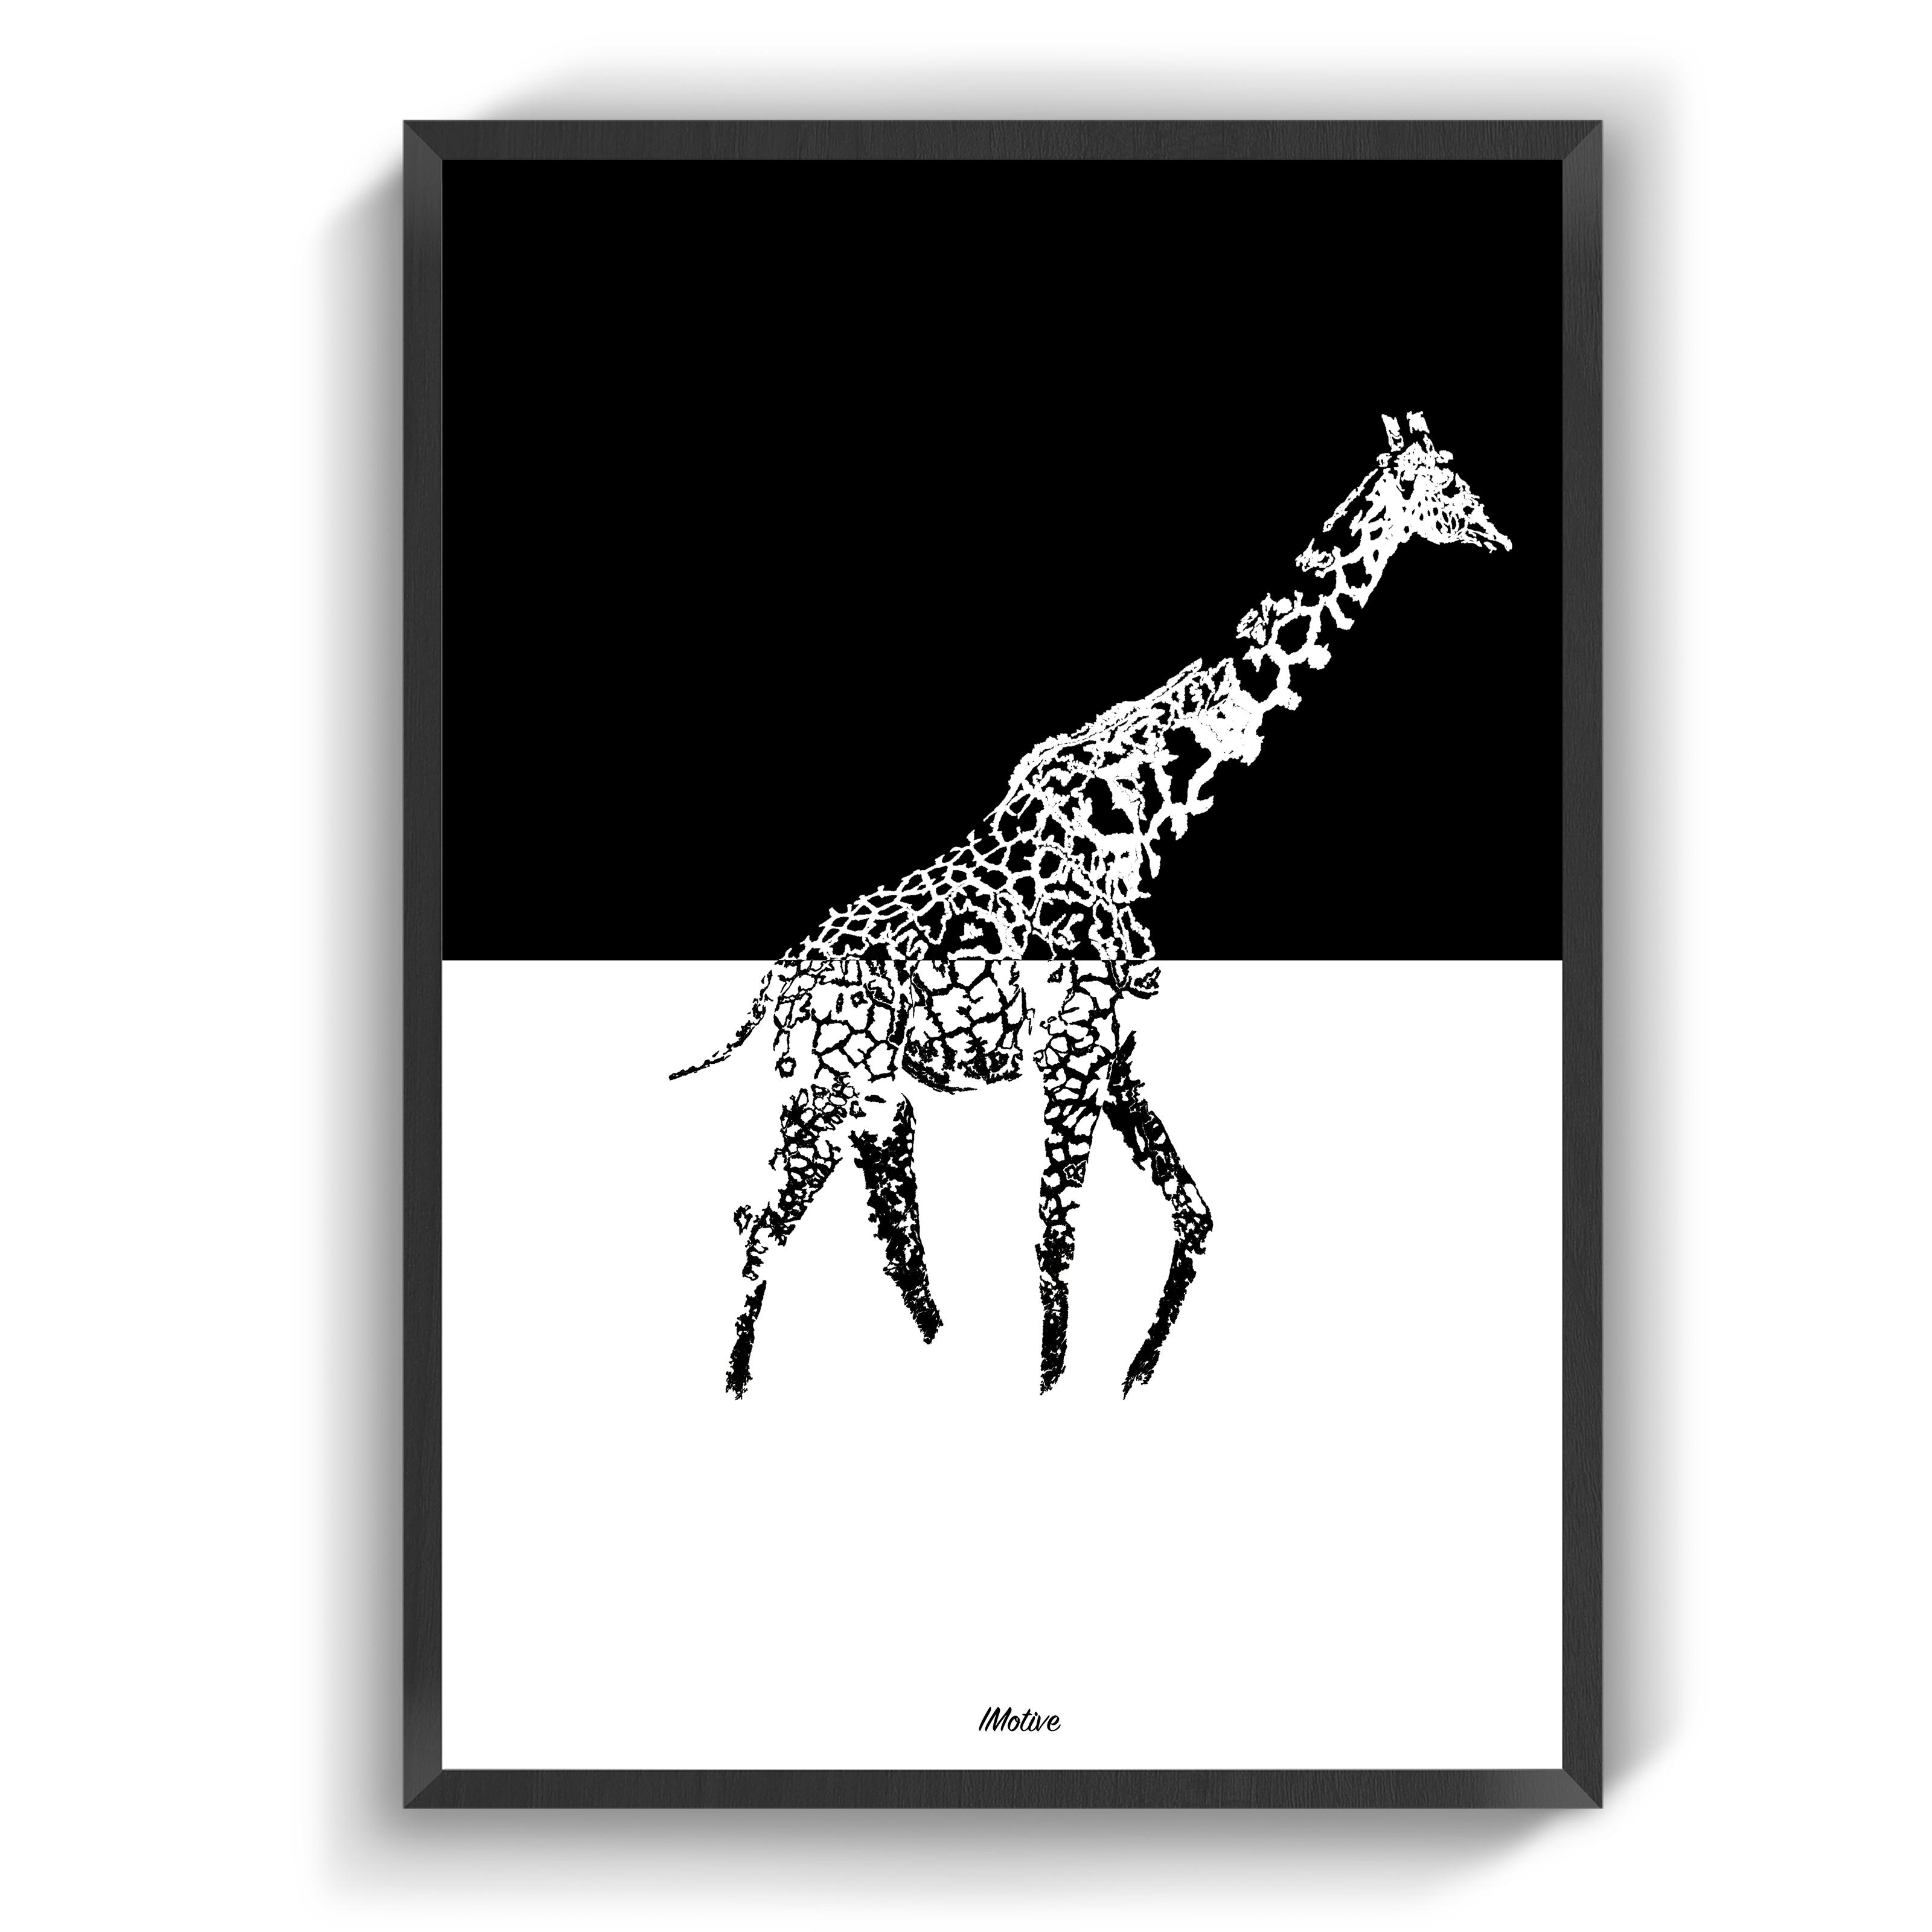 Plakater Giraffen Farver Billeder Plakater